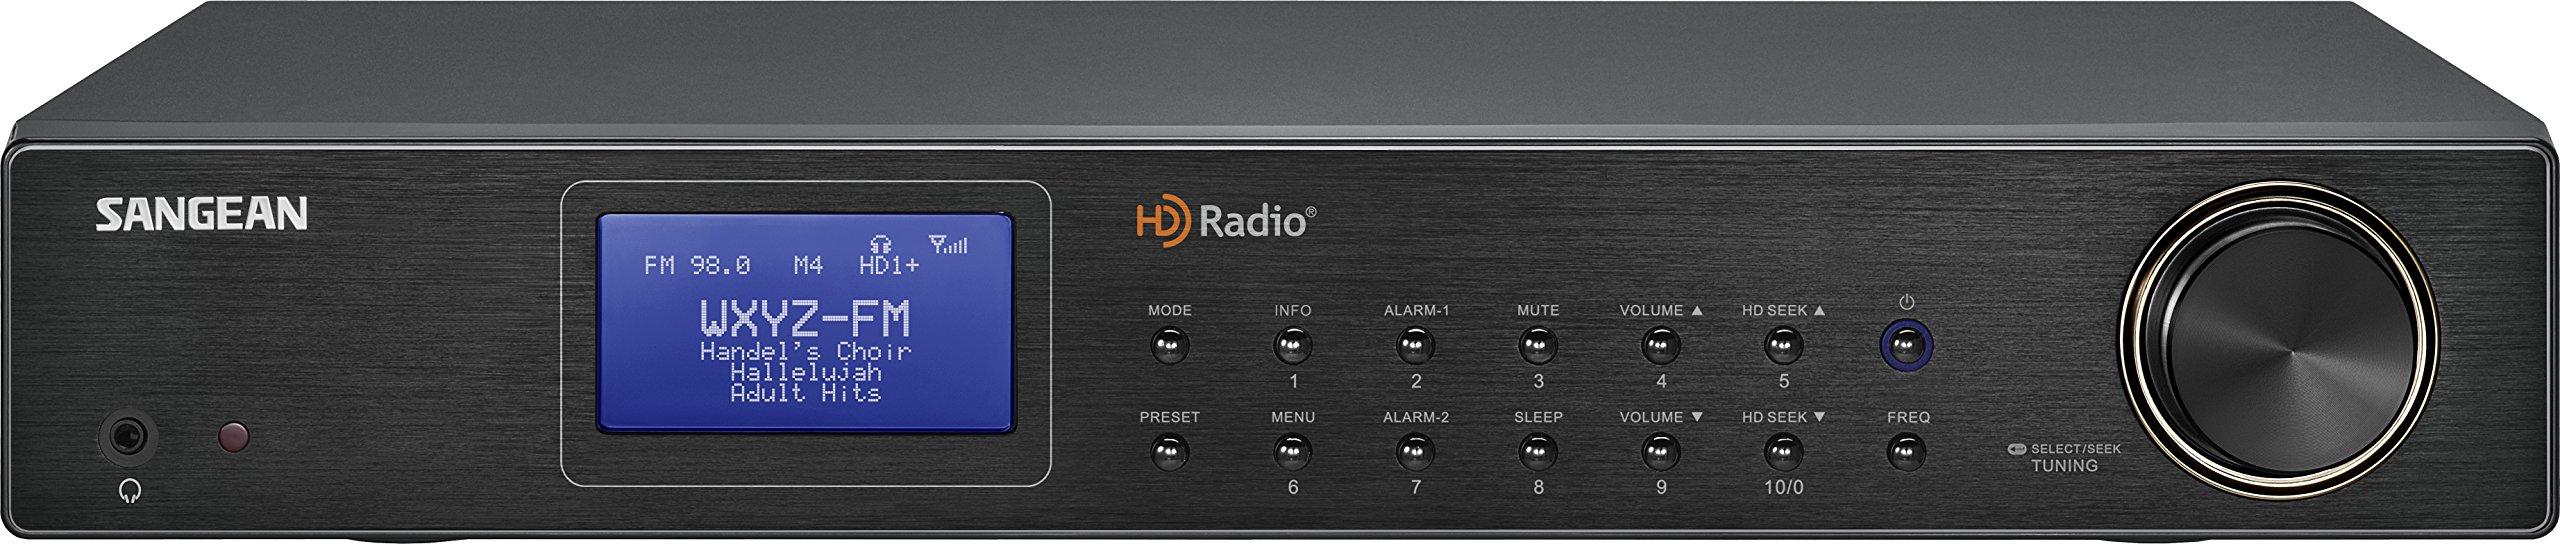 Sangean HDT-20 HD Radio/FM-Stereo/AM Component Tuner by Sangean